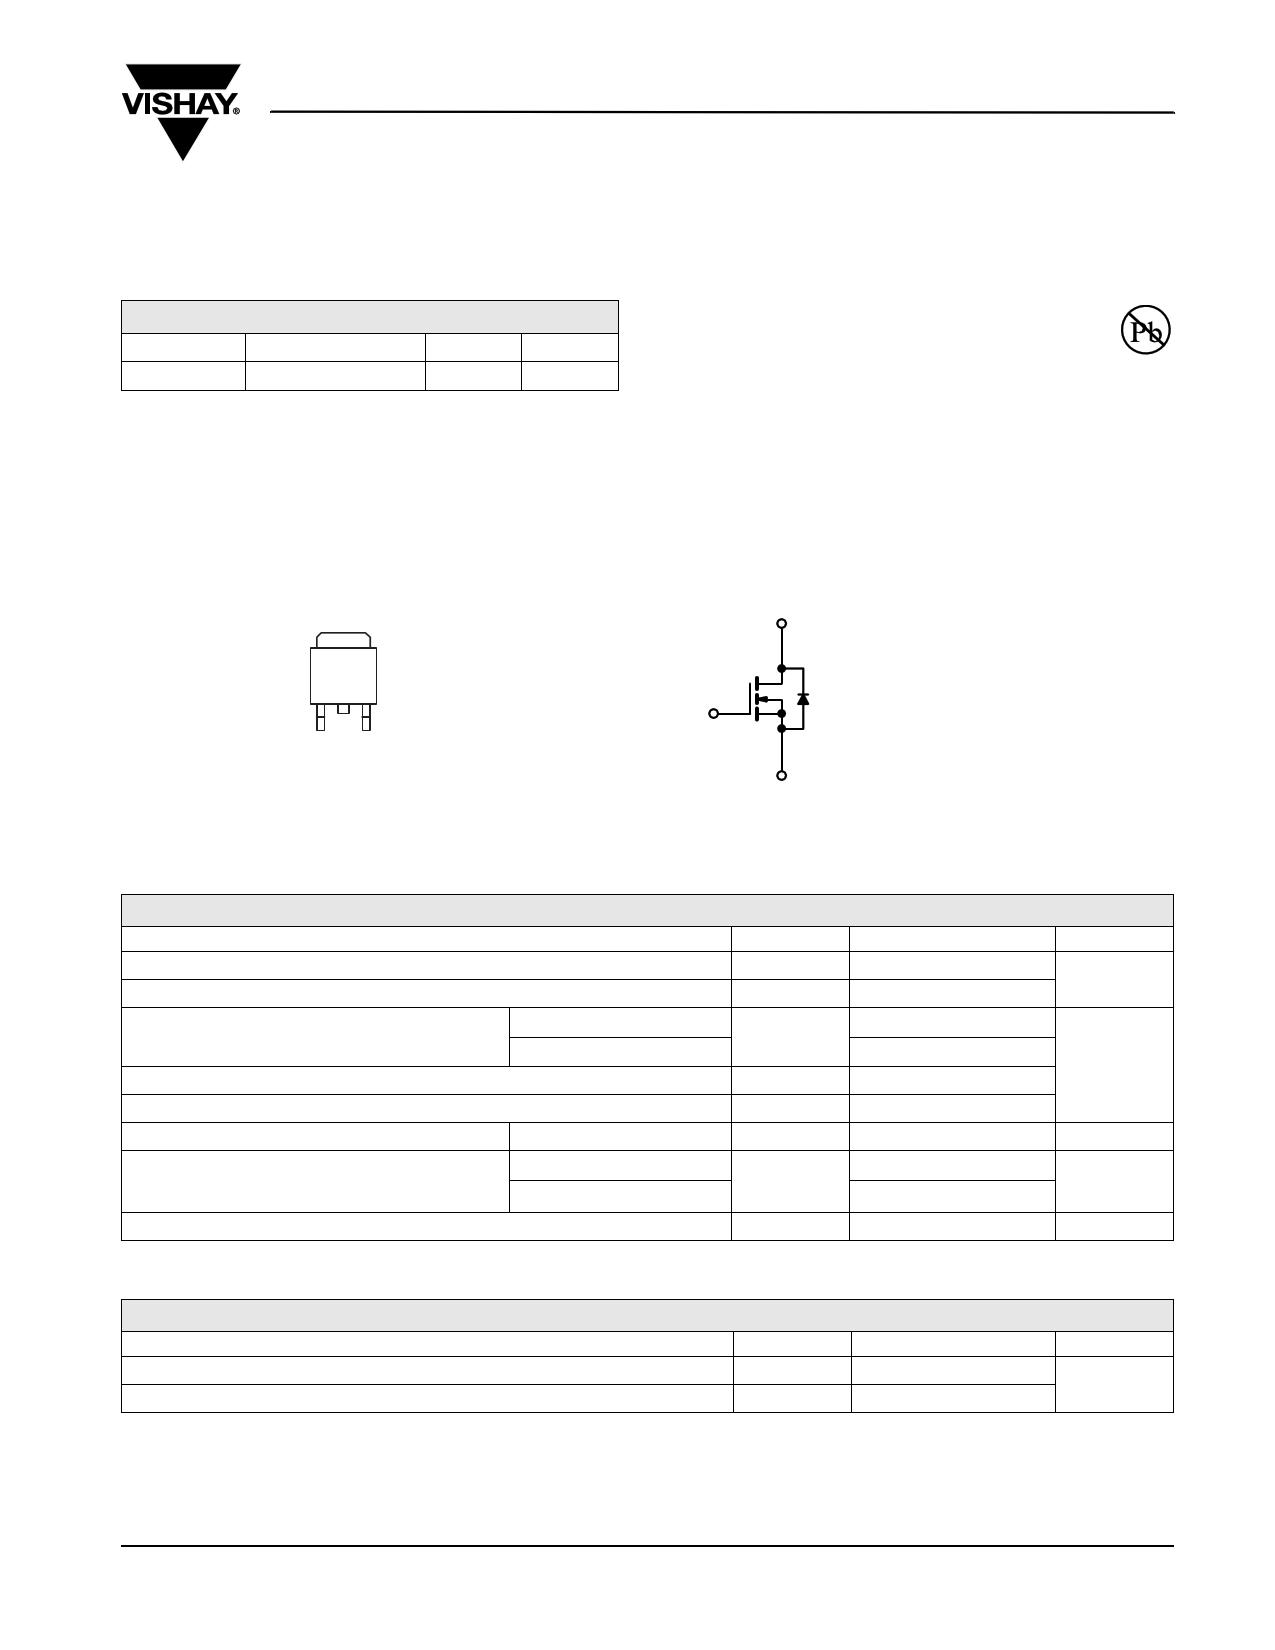 SUM90N08-6m2P datasheet, circuit